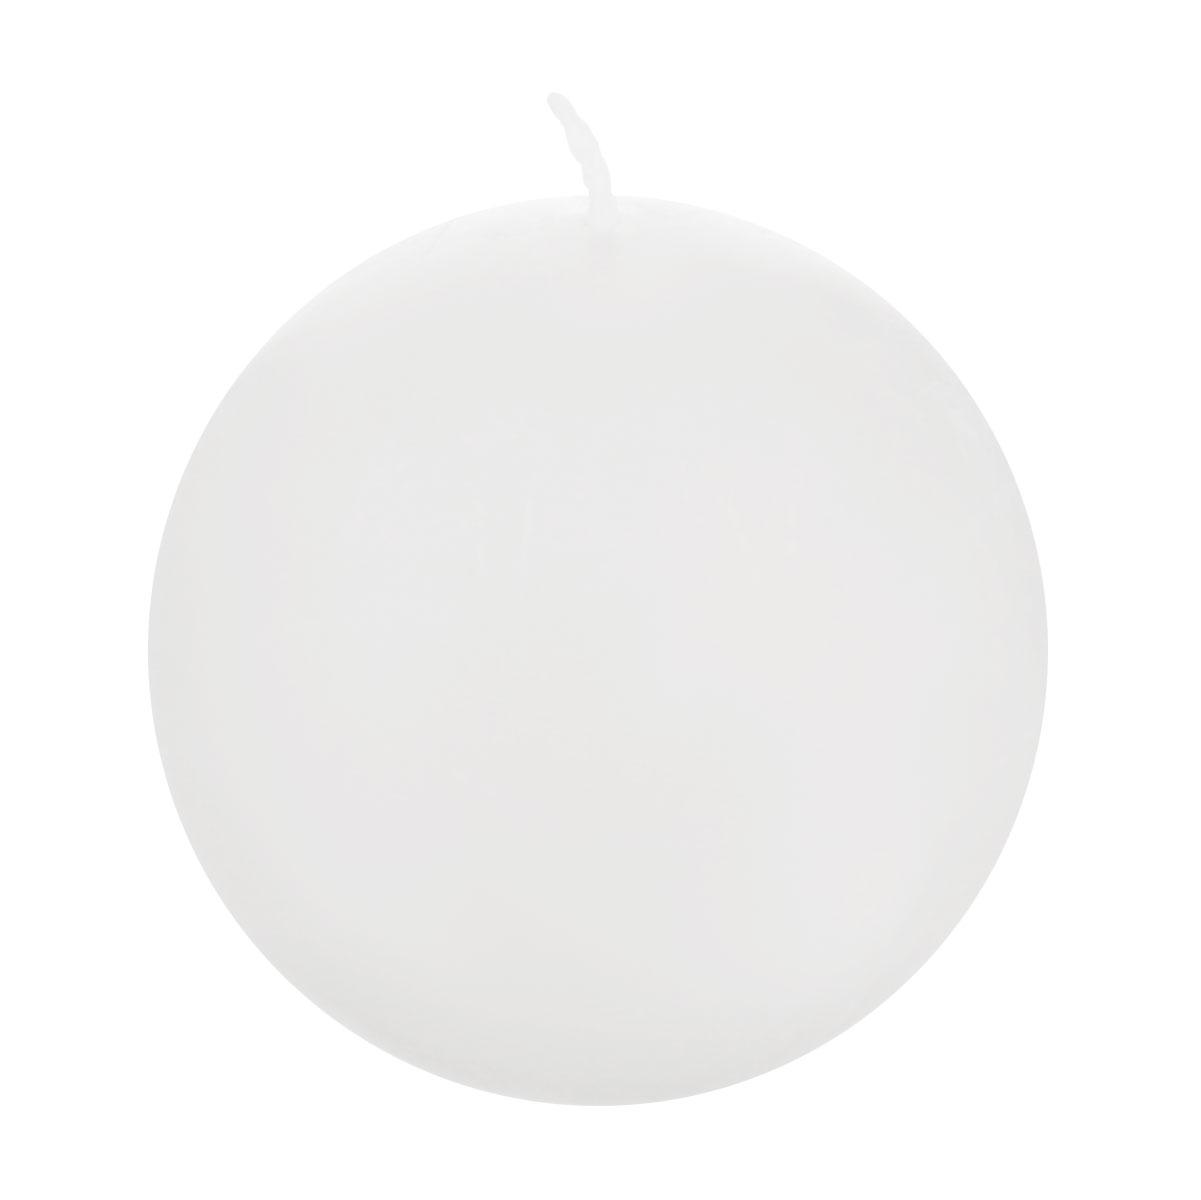 Свеча декоративная Proffi Шар, цвет: белый, диаметр 7,5 смPH3450Шарообразная декоративная свеча Proffi Шар изготовлена из парафина, стеарина. Предназначена для освещения и украшения помещений. Такая свеча может стать отличным подарком или дополнить интерьер вашей спальни или гостиной.